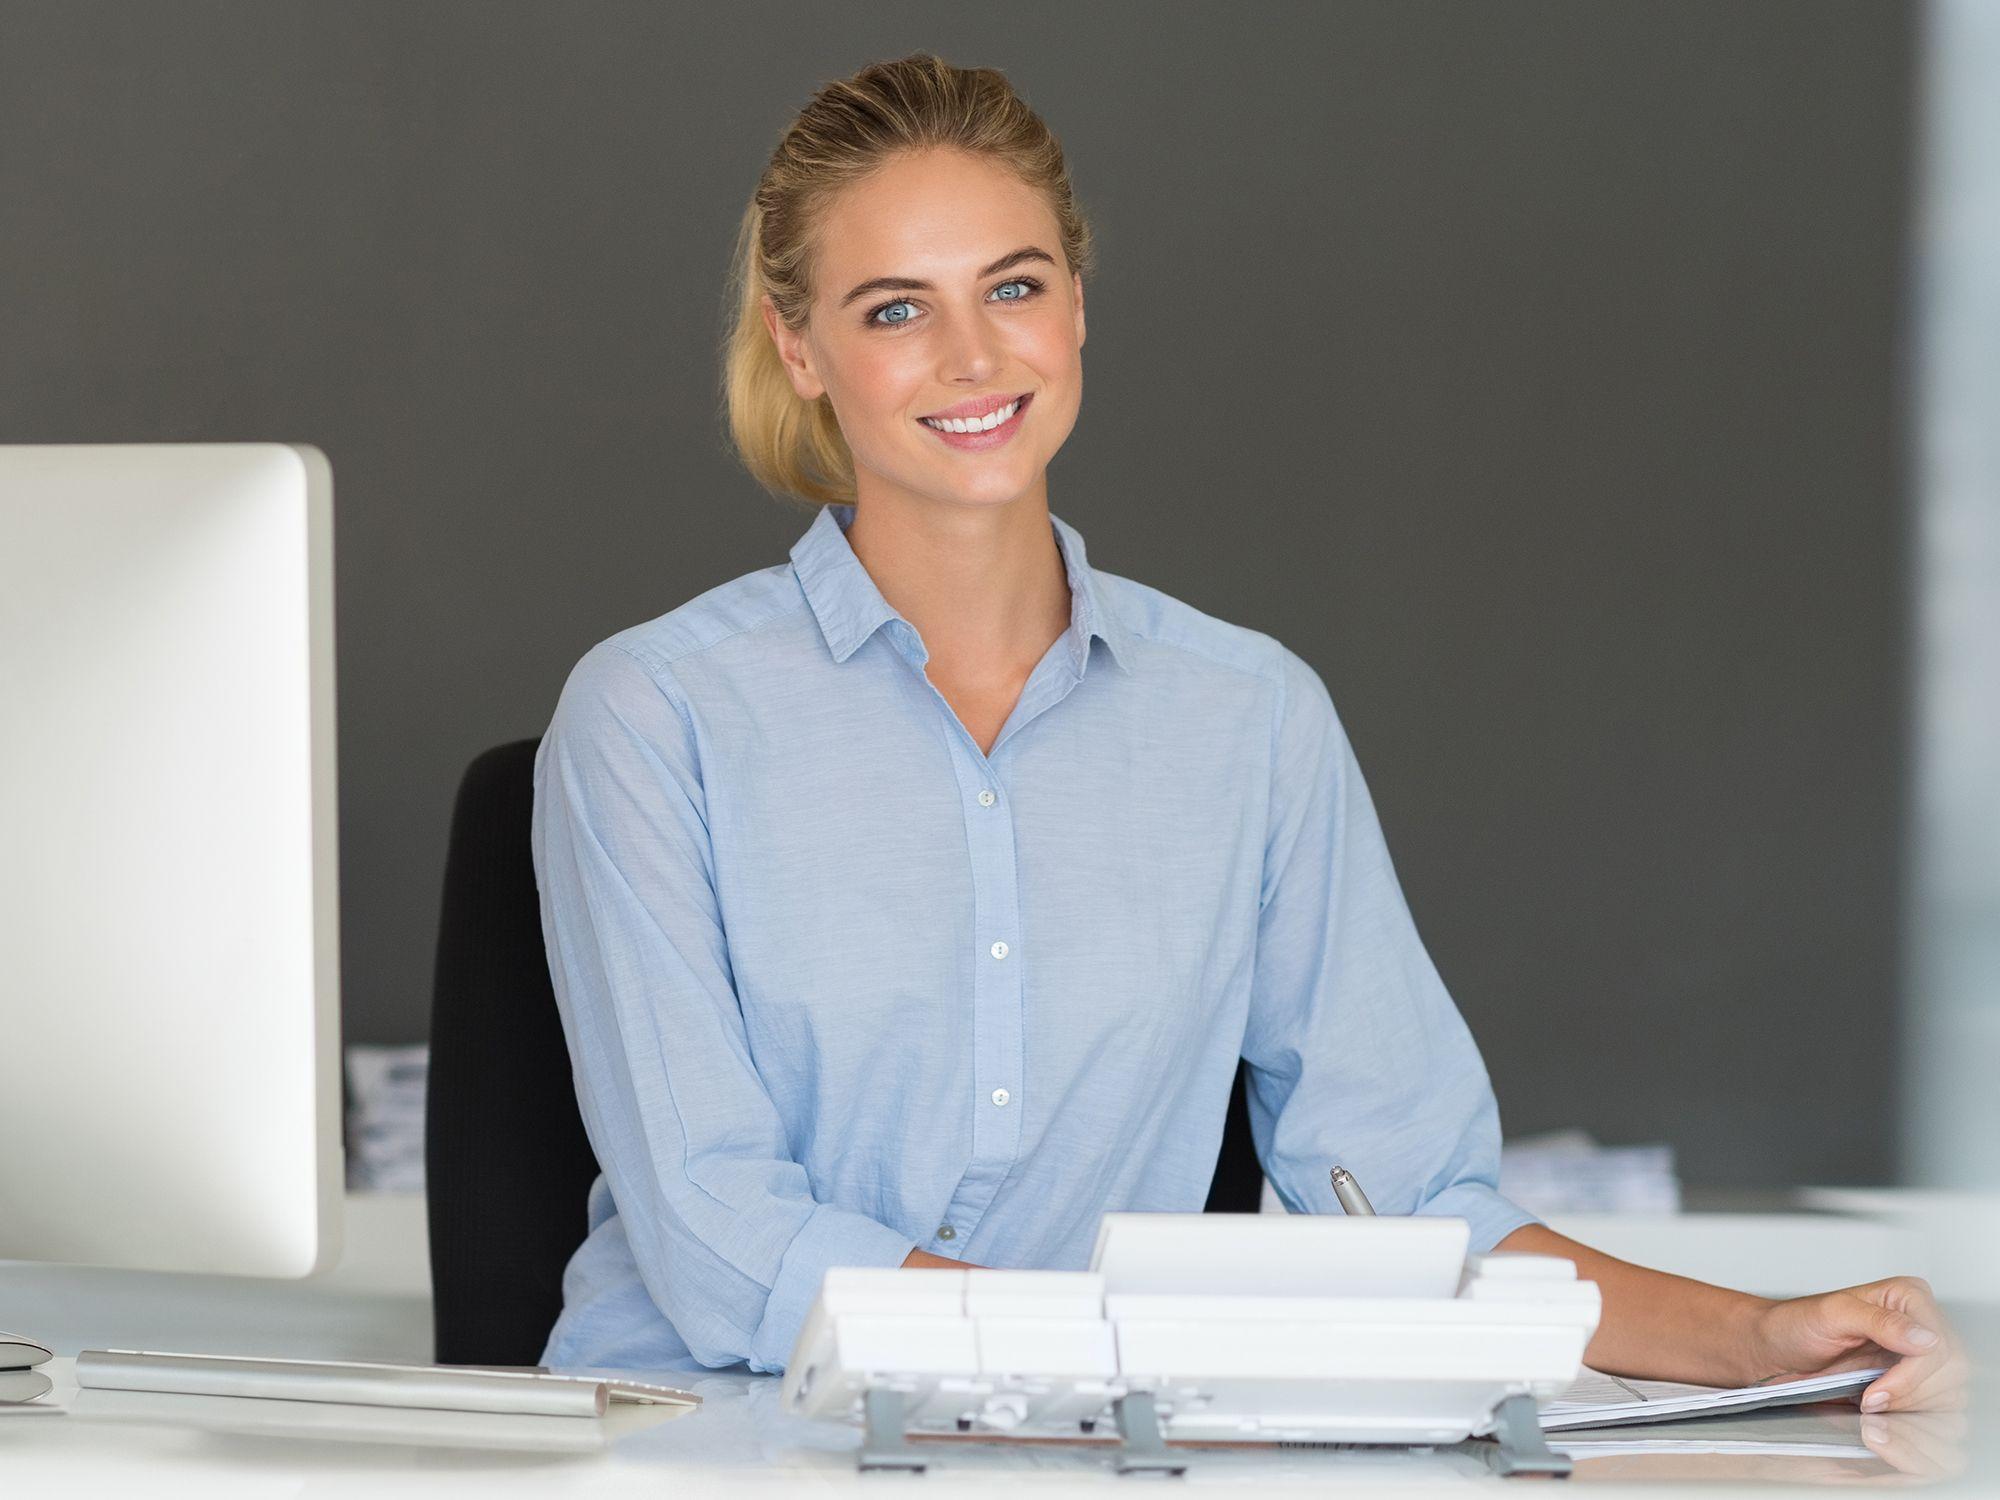 Level 5 - Sekretäre, Sekretärinnen, Schreibkraft, Schreibsekretär, Bürohilfskraft, Bürofachkraft, Empfangssekretär, Empfangssekretärin, Bürosekretär, Bürosekretärin, Bürokraft, Leiharbeiter, Zeitarbeiter, Leiharbeitnehmer, Leihkraft, Temporärarbeiter für Büros, Büroarbeit, Büroaufgaben, Bürotätigkeiten, Büroorganisation, Sekretariat, Urlaubsvertretung und Rekrutierung bei uns als Personalagentur, Zeitarbeitsfirma, Zeitarbeitsunternehmen, Personal-Service-Agentur, Personaldienstleistungsagentur und Leiharbeitsfirma per Arbeitnehmer-Leasing, Arbeitnehmerüberlassung, Arbeitskräfte-Leasing, Arbeitskräfteüberlassung, Arbeitskraftüberlassung, Leiharbeit, Mitarbeiter-Leasing, Mitarbeiterleasing, Mitarbeiterüberlassung, Personaldienstleistung, Personalleasing, Personalüberlassung, Temporärarbeit, Zeitarbeit buchen, mieten, leihen oder langfristig neue Mitarbeiter für Jobs wie Büro Jobs, Schülerjobs, Ferienjobs, Aushilfsjobs, Studentenjobs, Werkstudentenjobs, Saisonjobs, Vollzeit Jobs, Teilzeit Jobs, Nebenjobs, Temporär Jobs, Gelegenheitsjobs per Personalvermittlung suchen, finden und vermittelt bekommen.